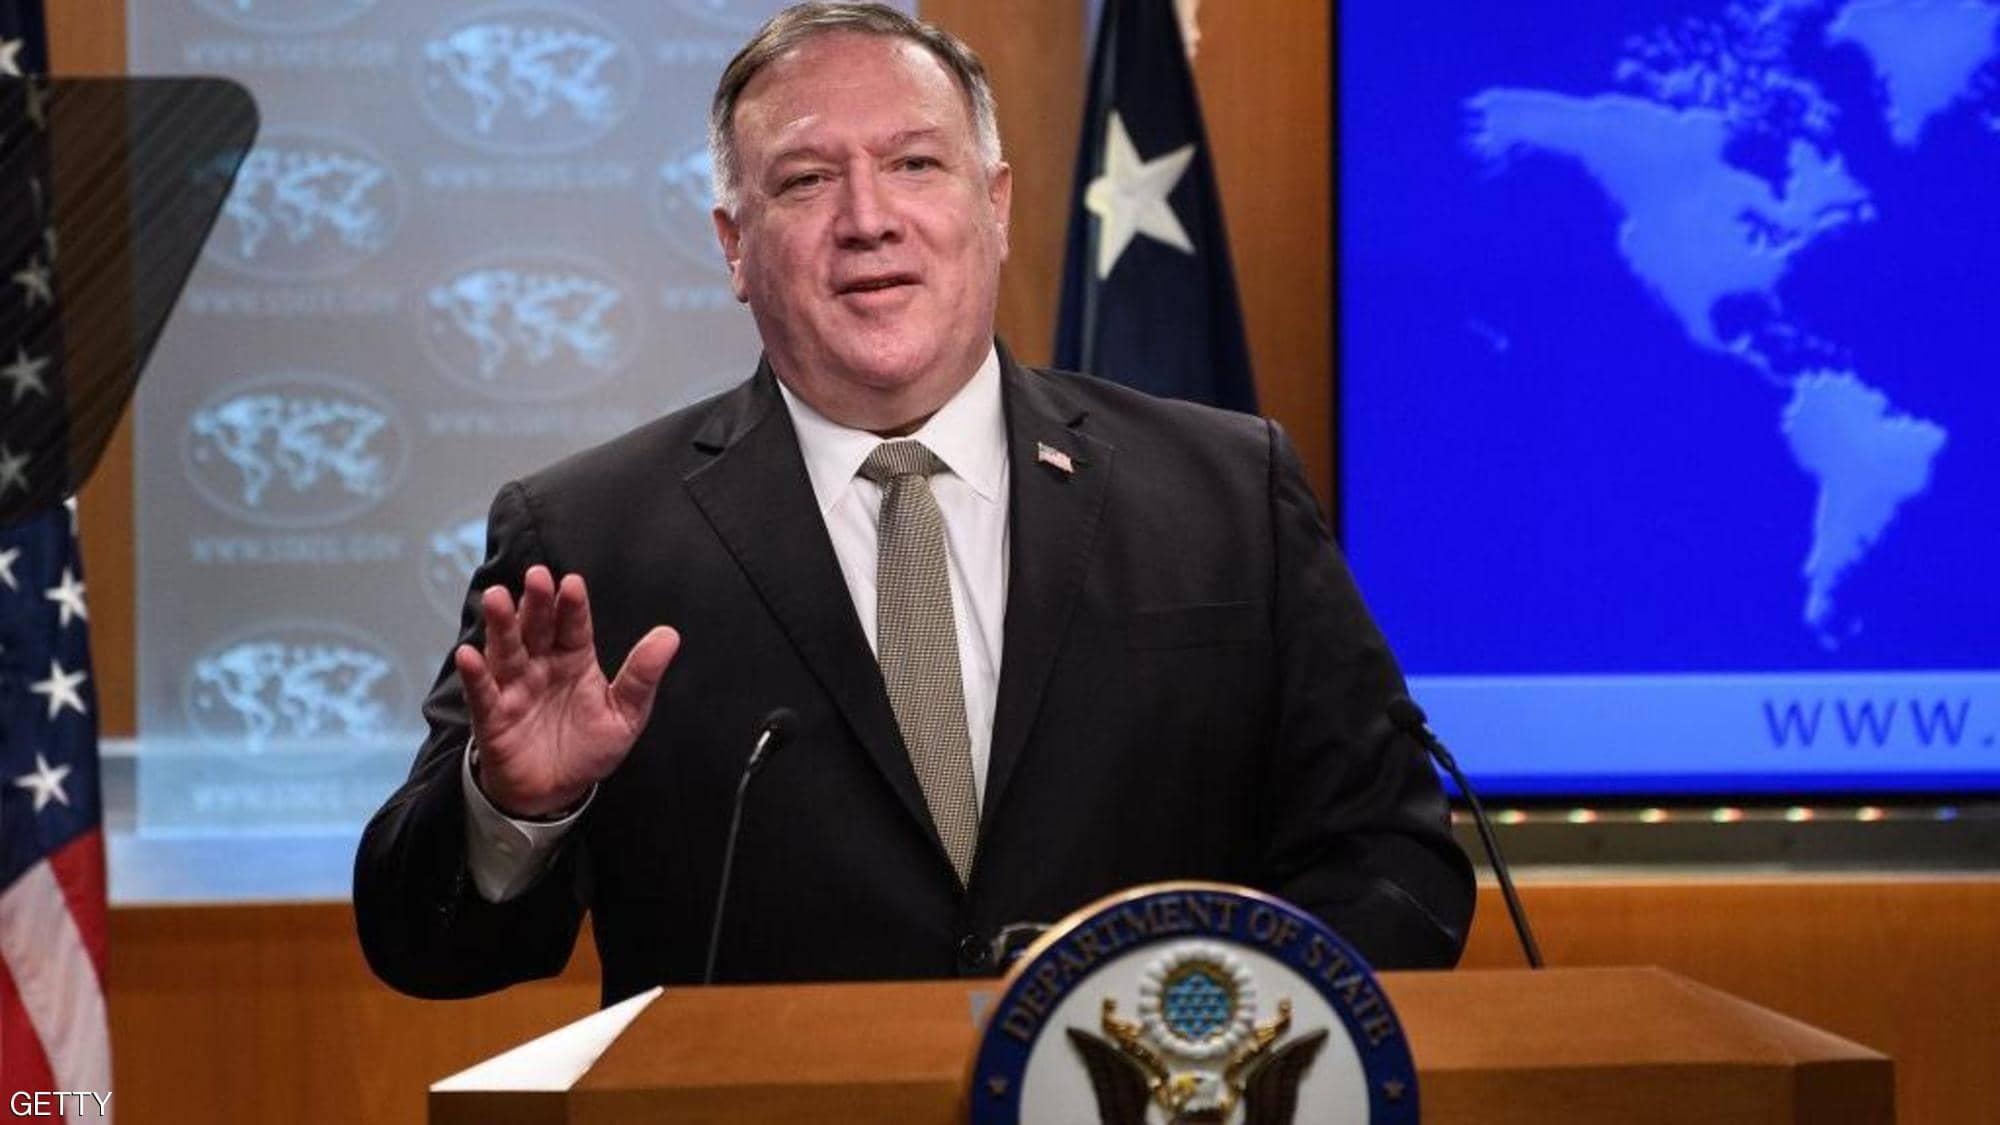 بومبيو: العودة للاتفاق الإيراني يجعل الشرق الأوسط أقل أمنًا